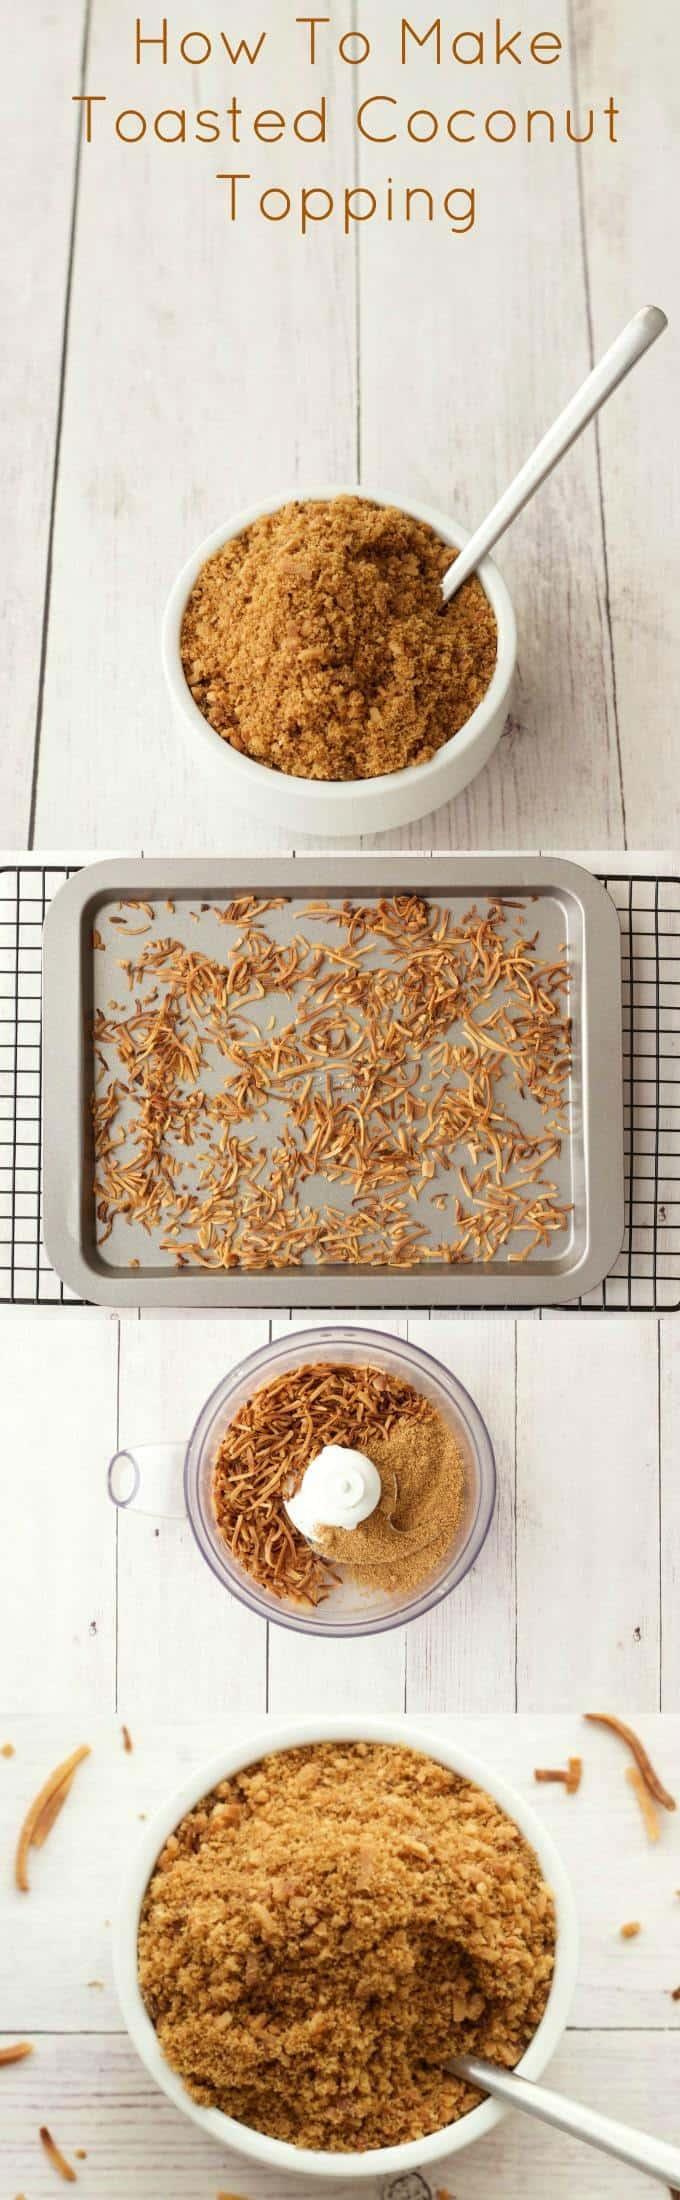 How To Make Toasted Coconut #vegan #lovingitvegan #howto #dessert #topping